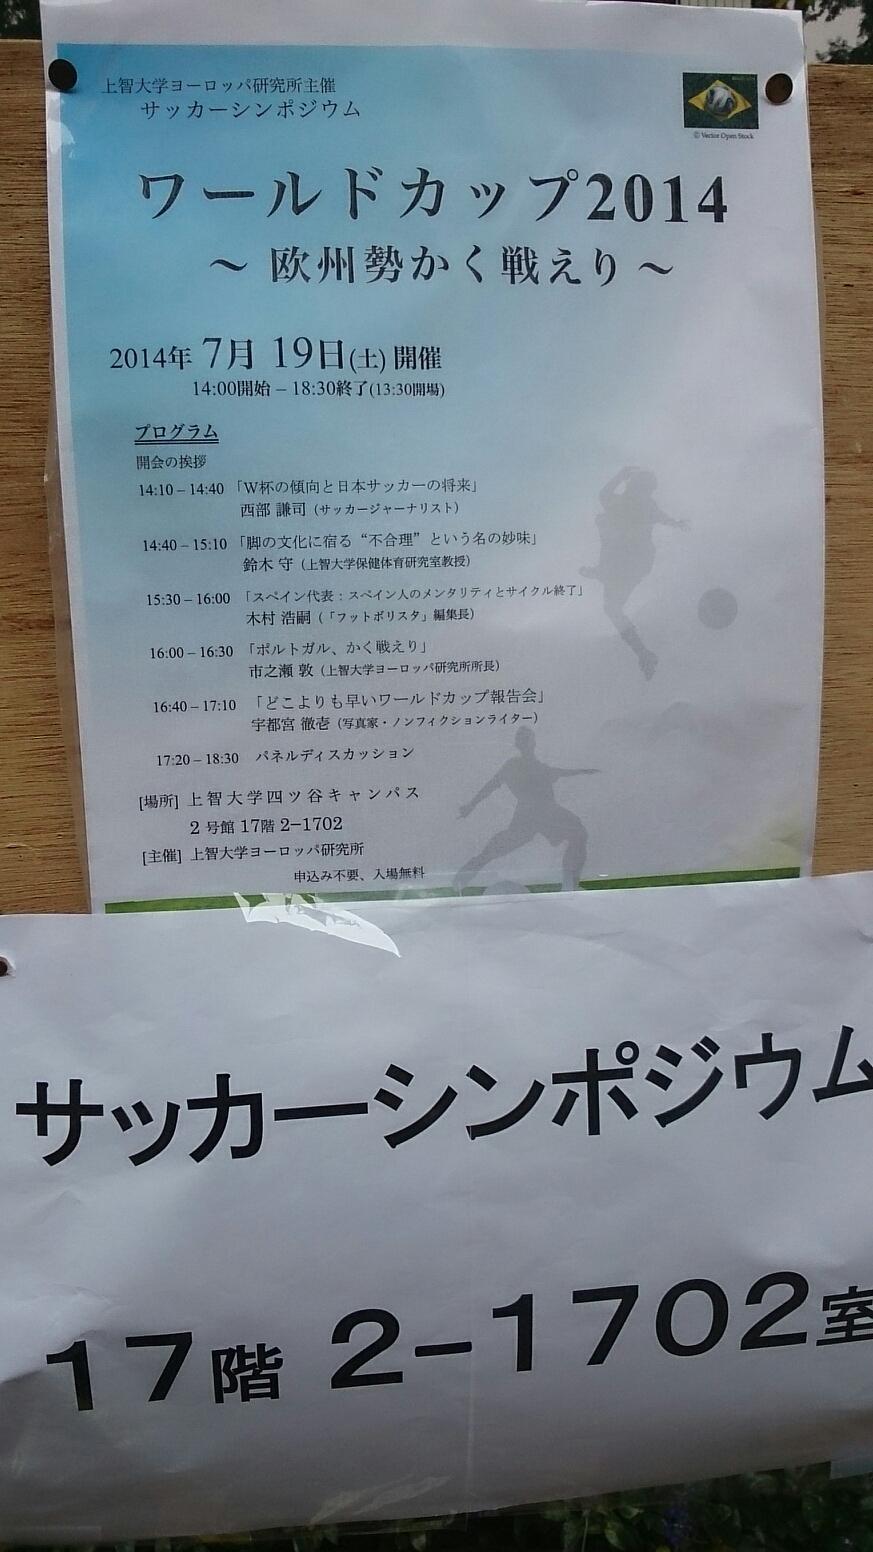 ワールドカップ2014 〜欧州勢かく戦えり〜